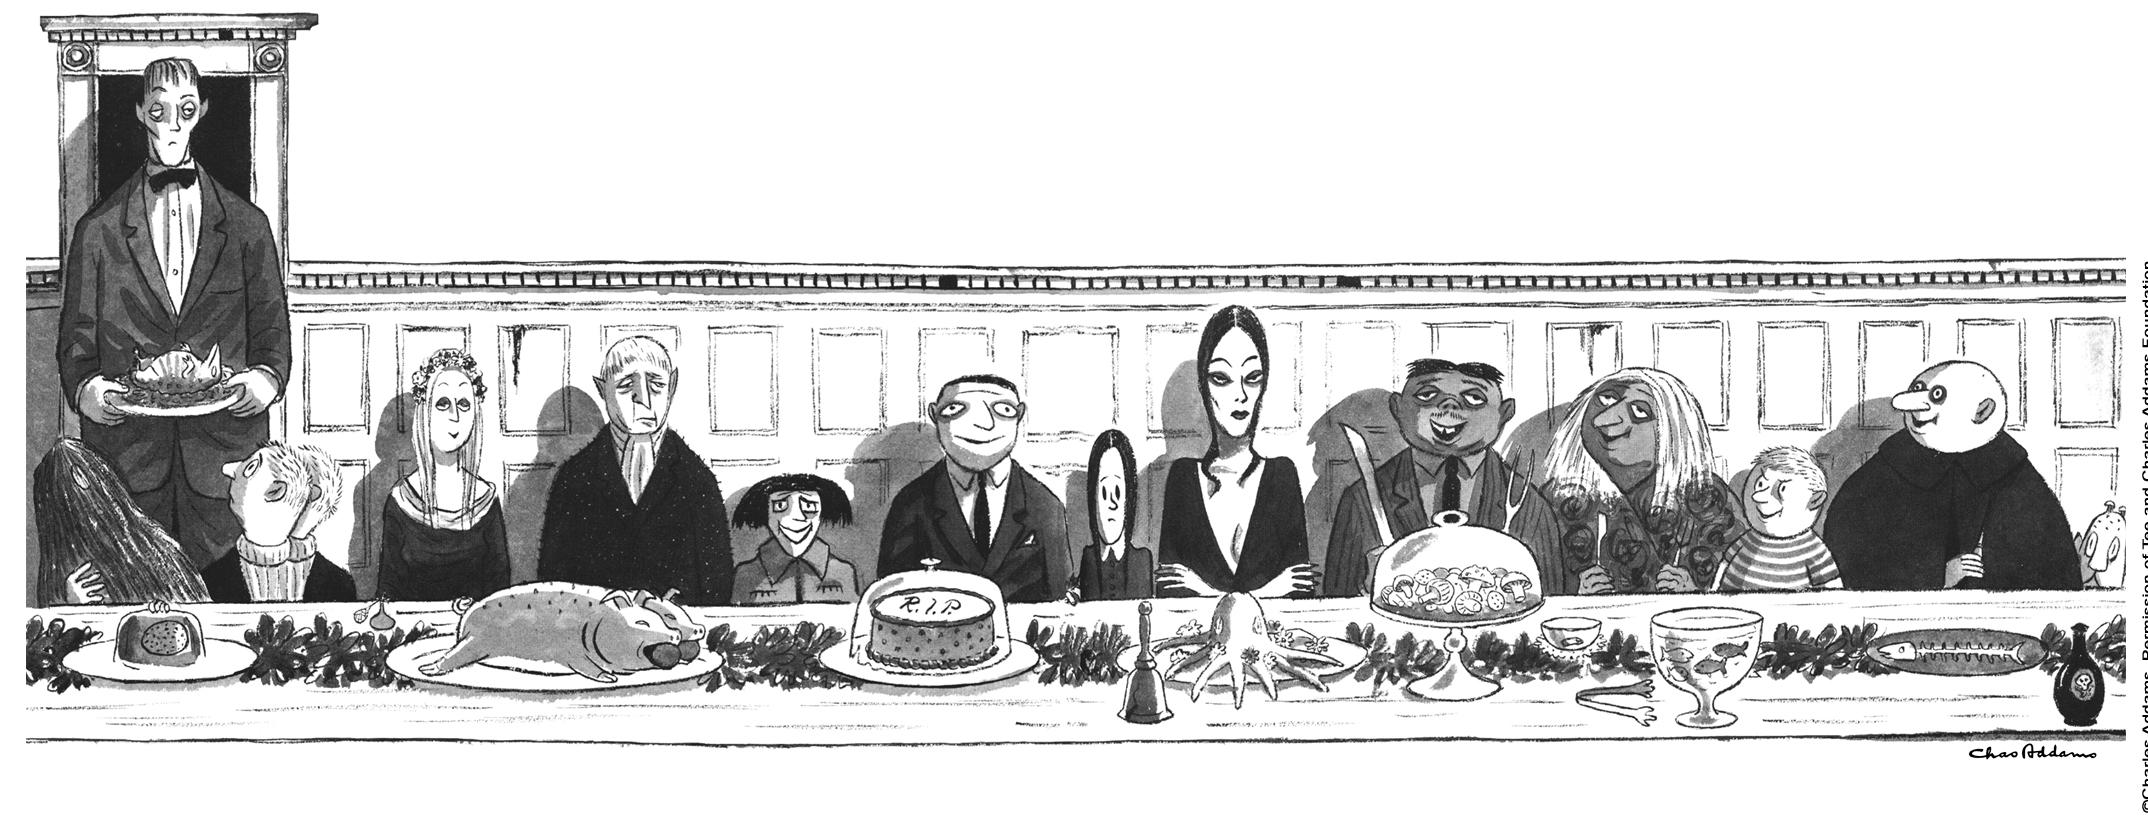 Charles Addams Drawings The Addams Family